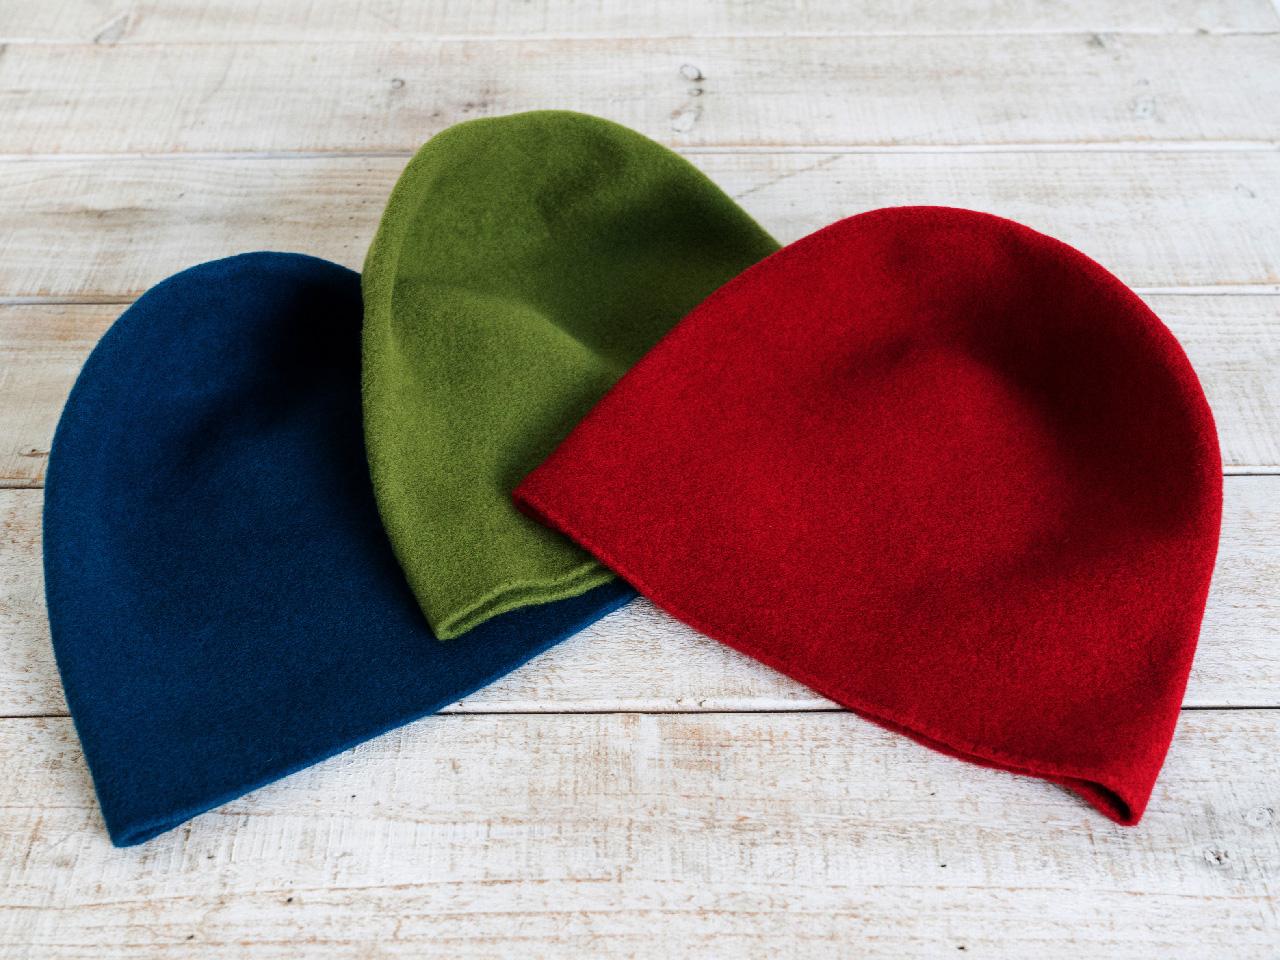 e702cdcac Boiled Wool Beanie – Kopka Accessories